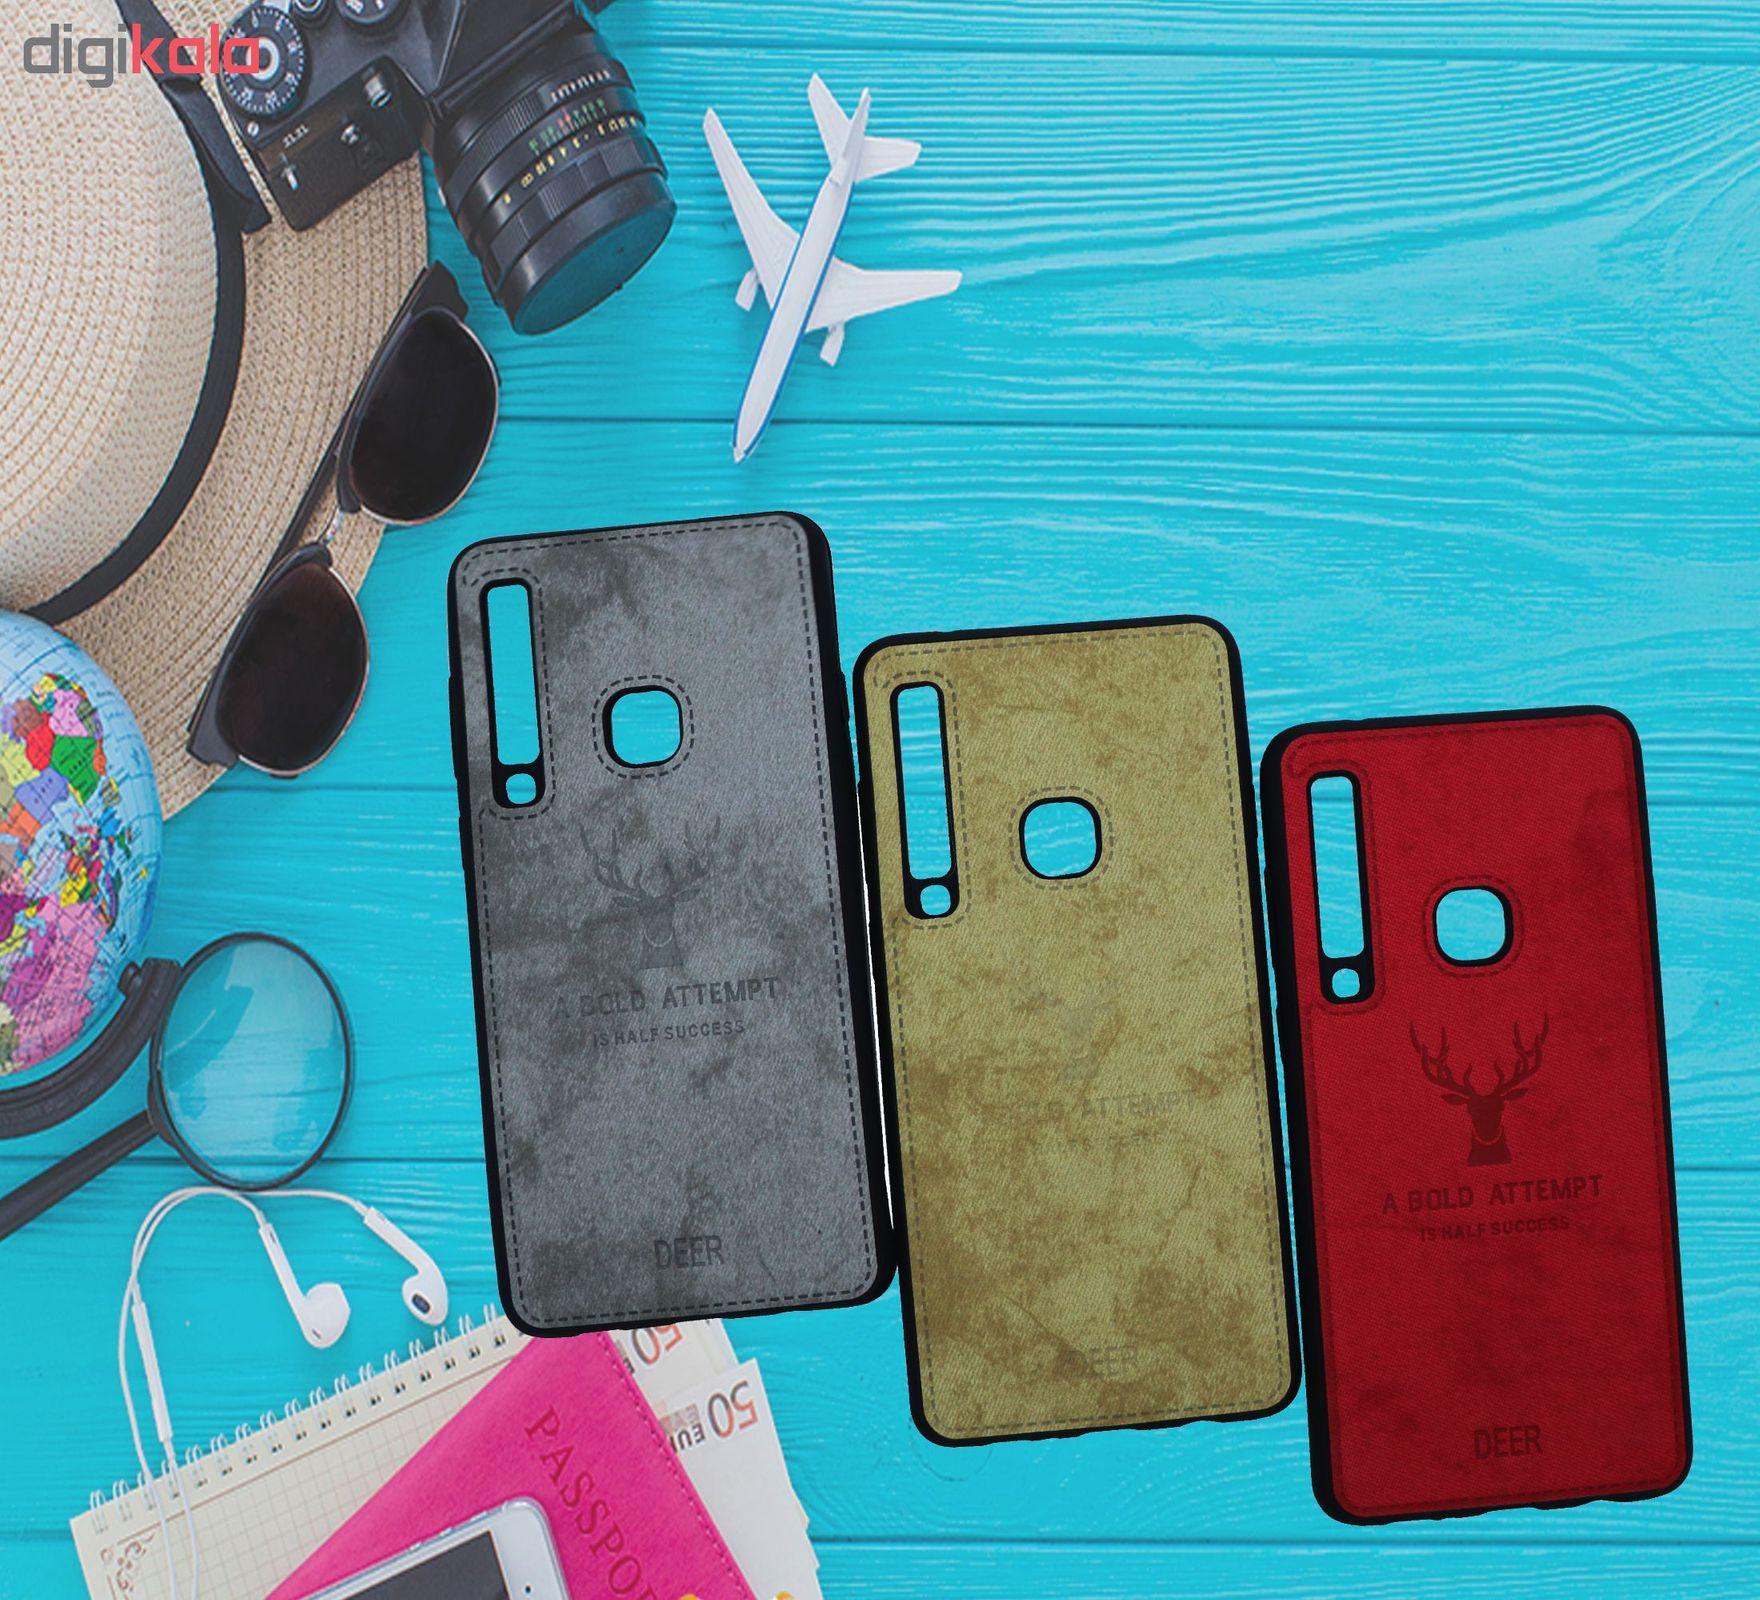 کاور مدل 01-De مناسب برای گوشی موبایل سامسونگ Galaxy A9 2018 main 1 2